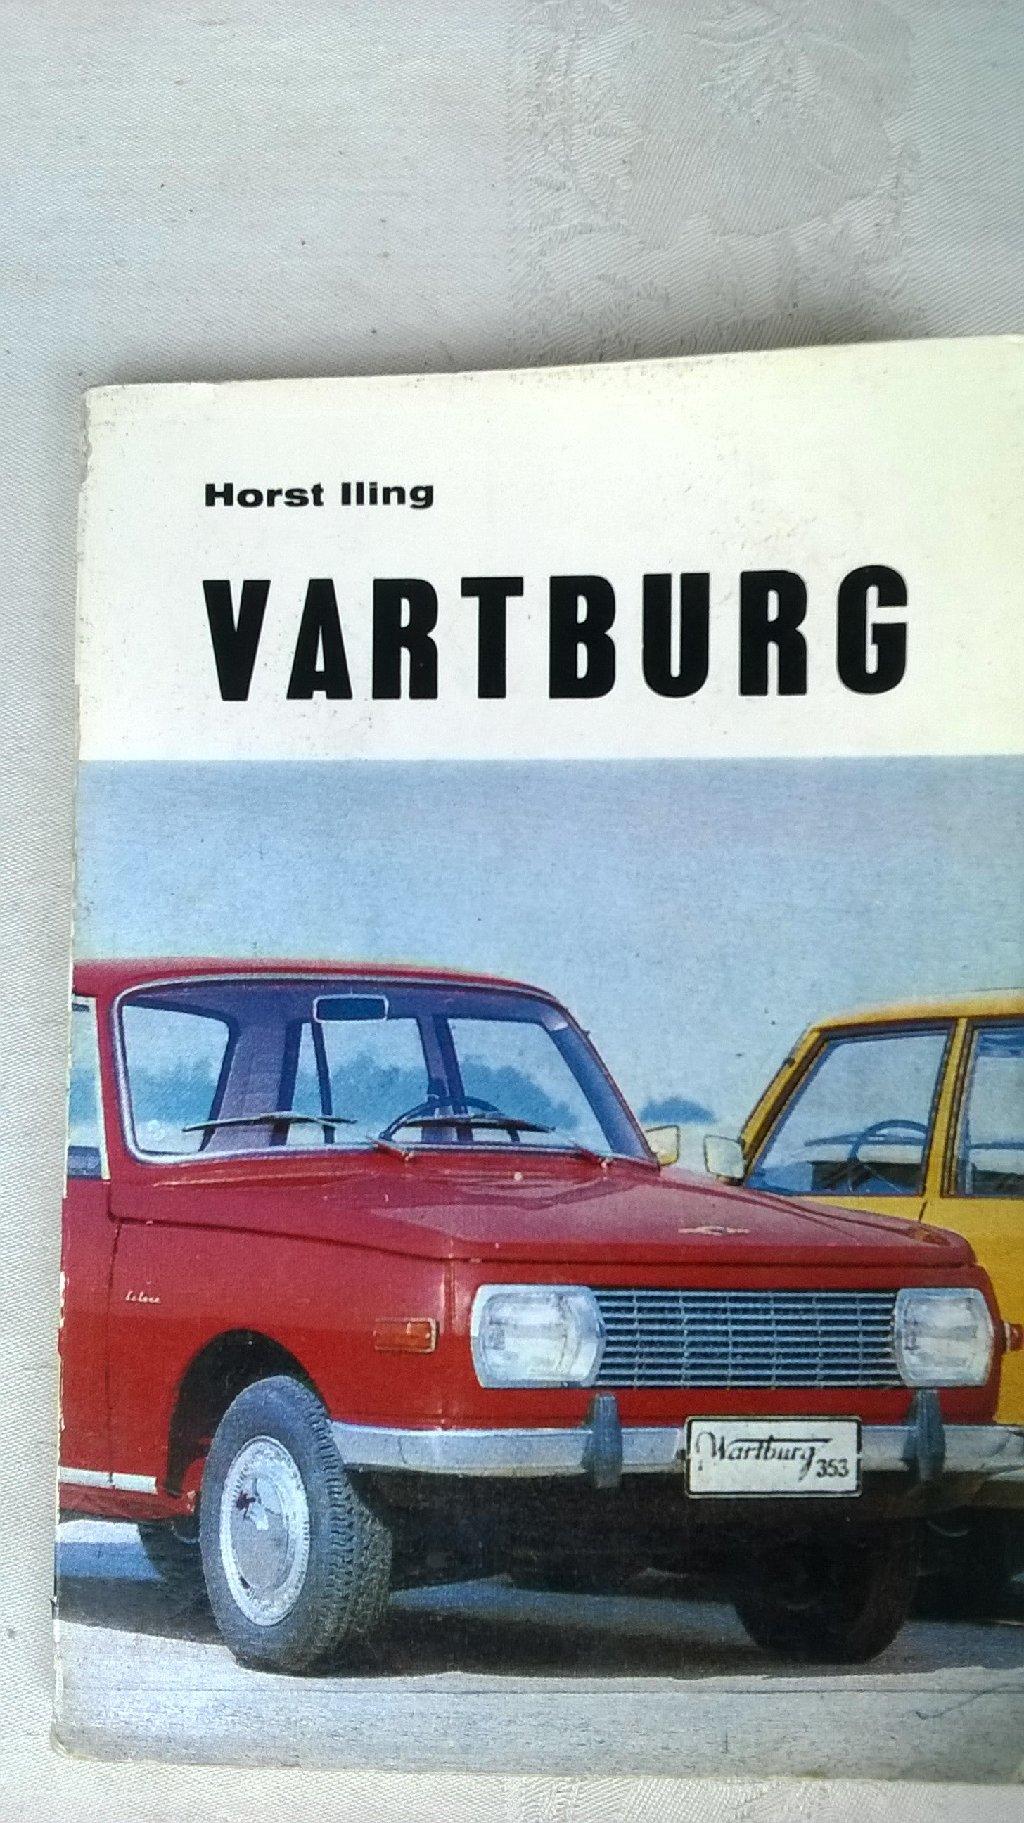 Tehnicka knjiga: Vartburg, 187 str. 1979. sa elektrosemama, kao nova